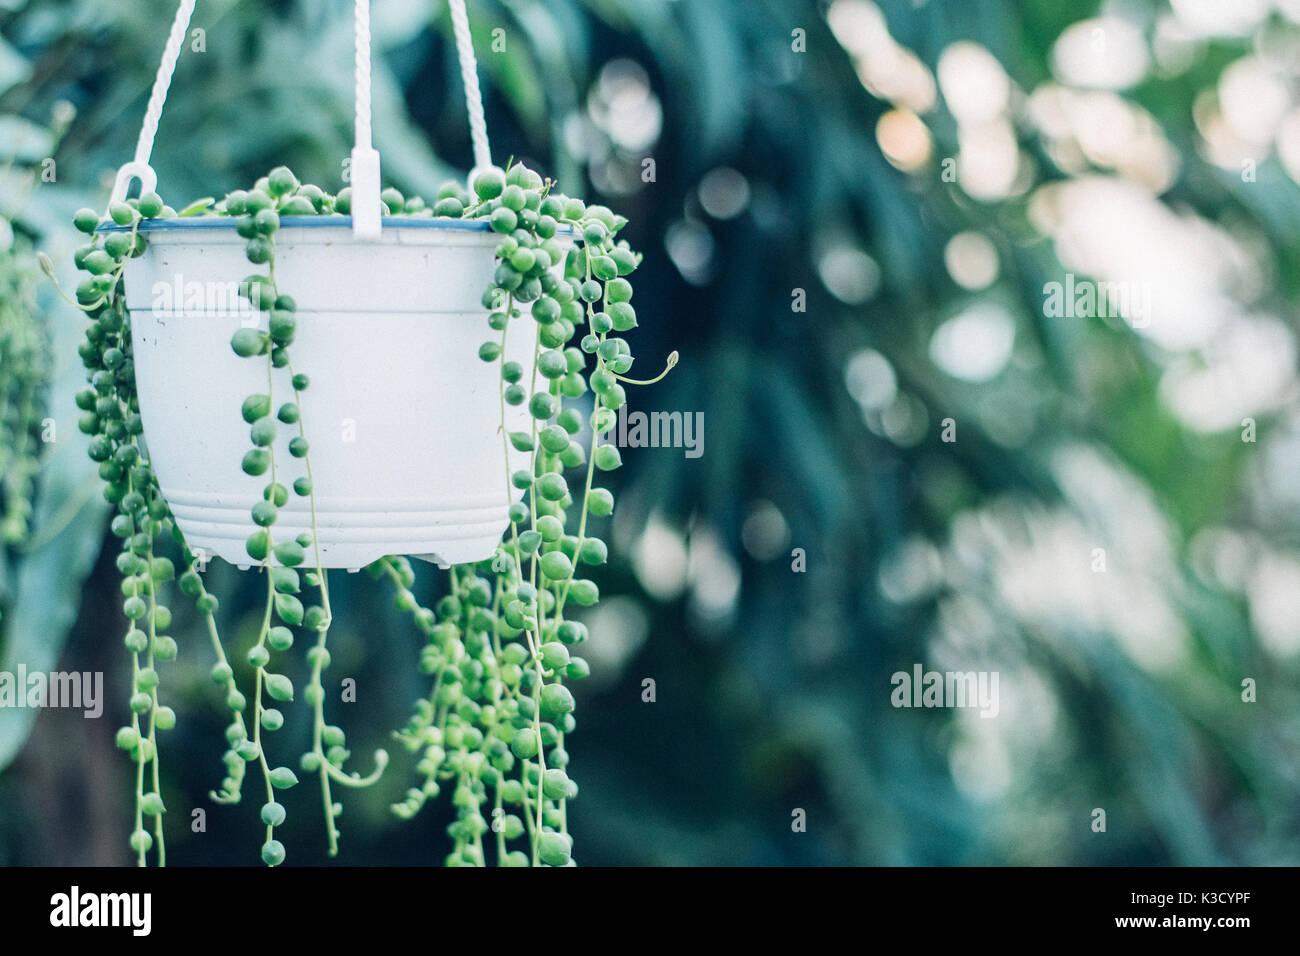 Filo di Perle di piante succulente appesi in una serra, che simboleggiano la calma e la serenità Foto Stock